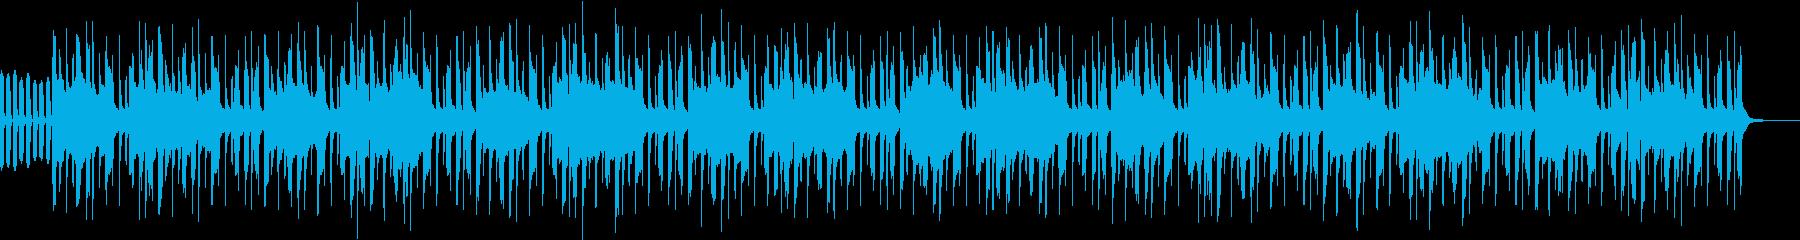 サイファービート2の再生済みの波形